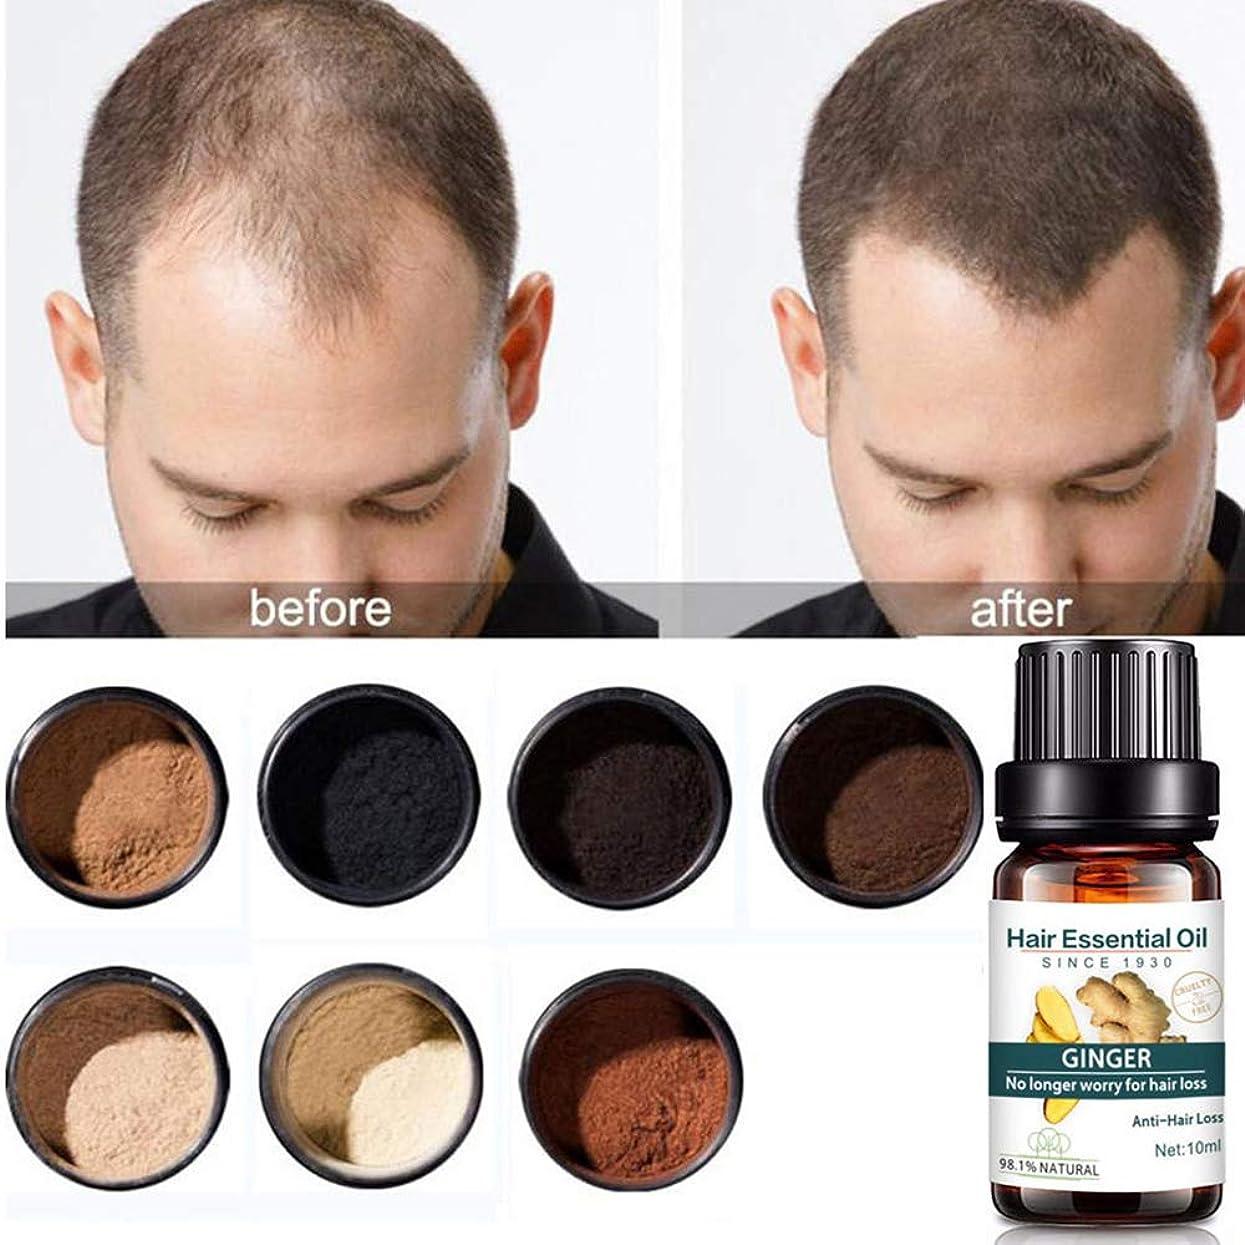 ワークショップアドバイス予想する育毛トリートメントオイル、育毛セラム、育毛ジンジャーオイル、抜け毛を防止、育毛促進